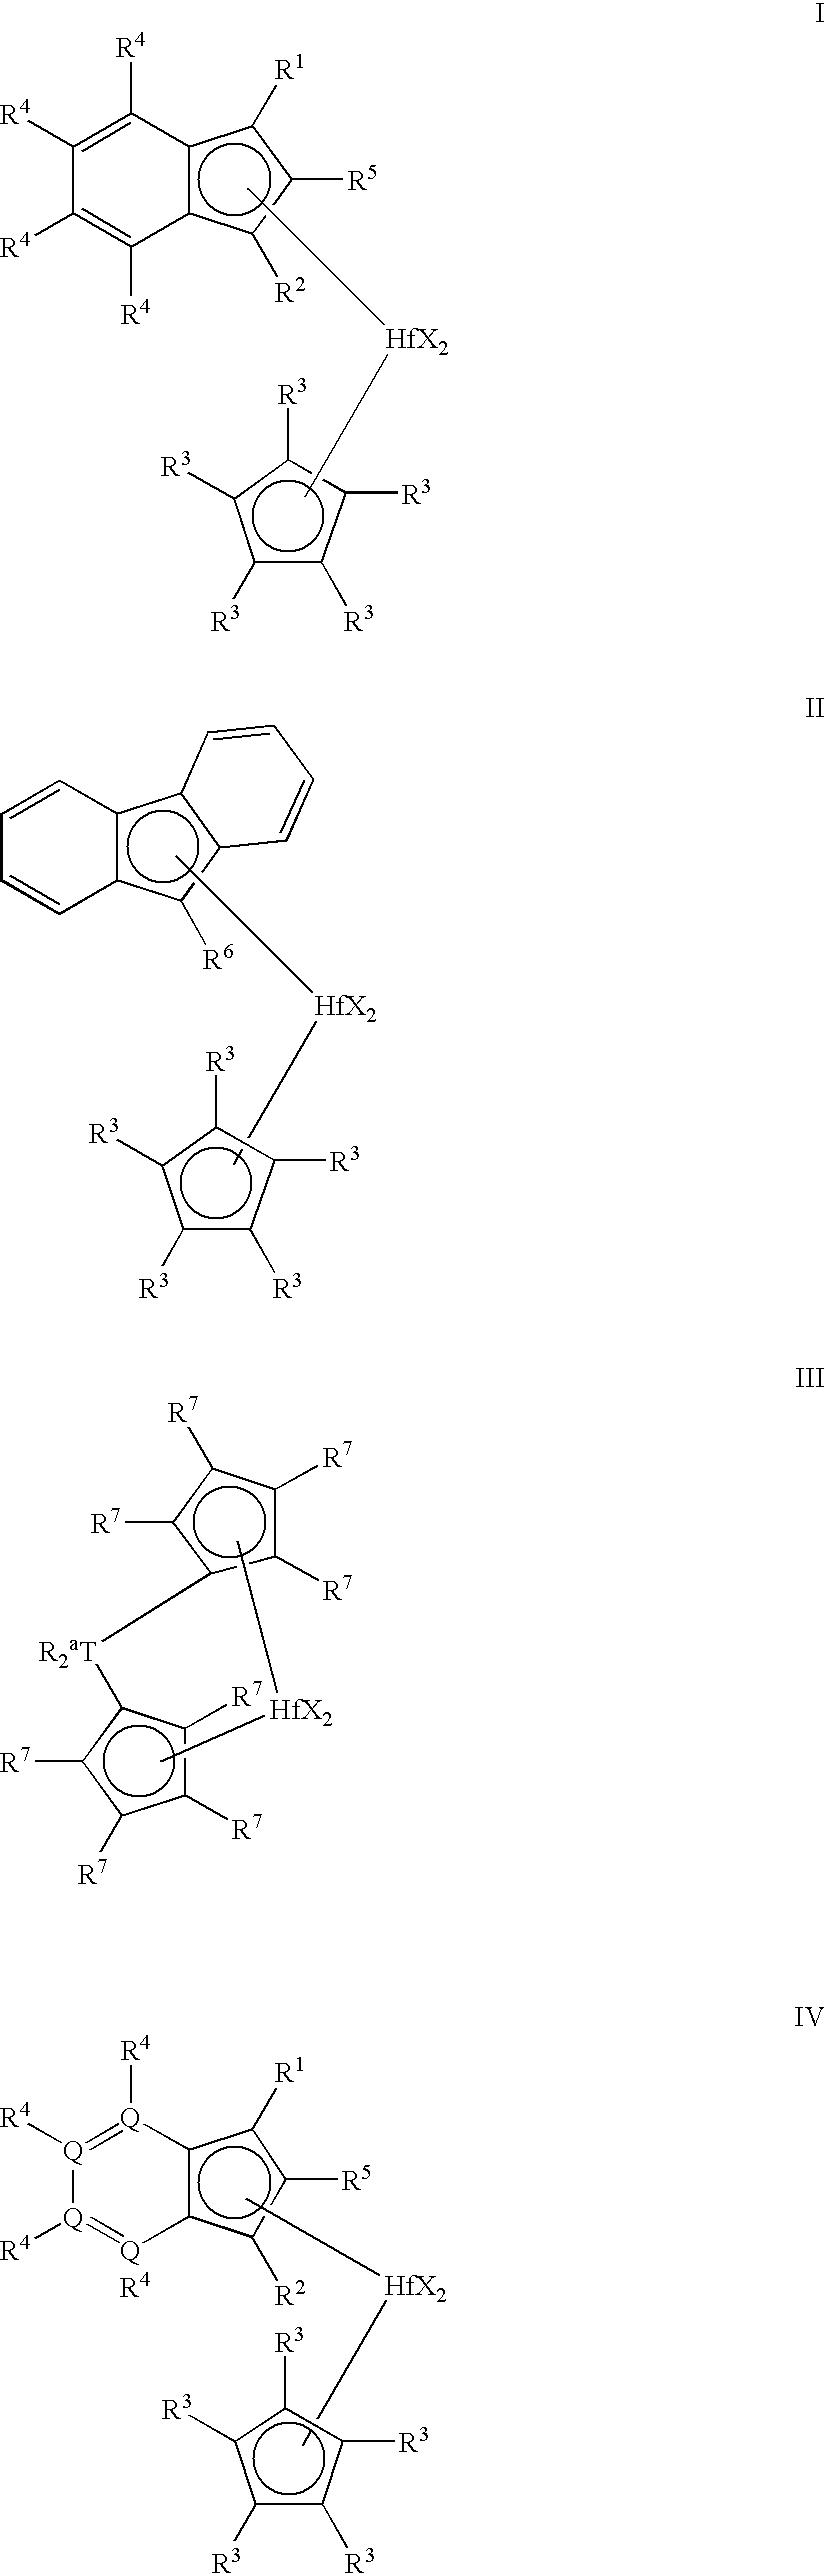 Figure US08372930-20130212-C00005